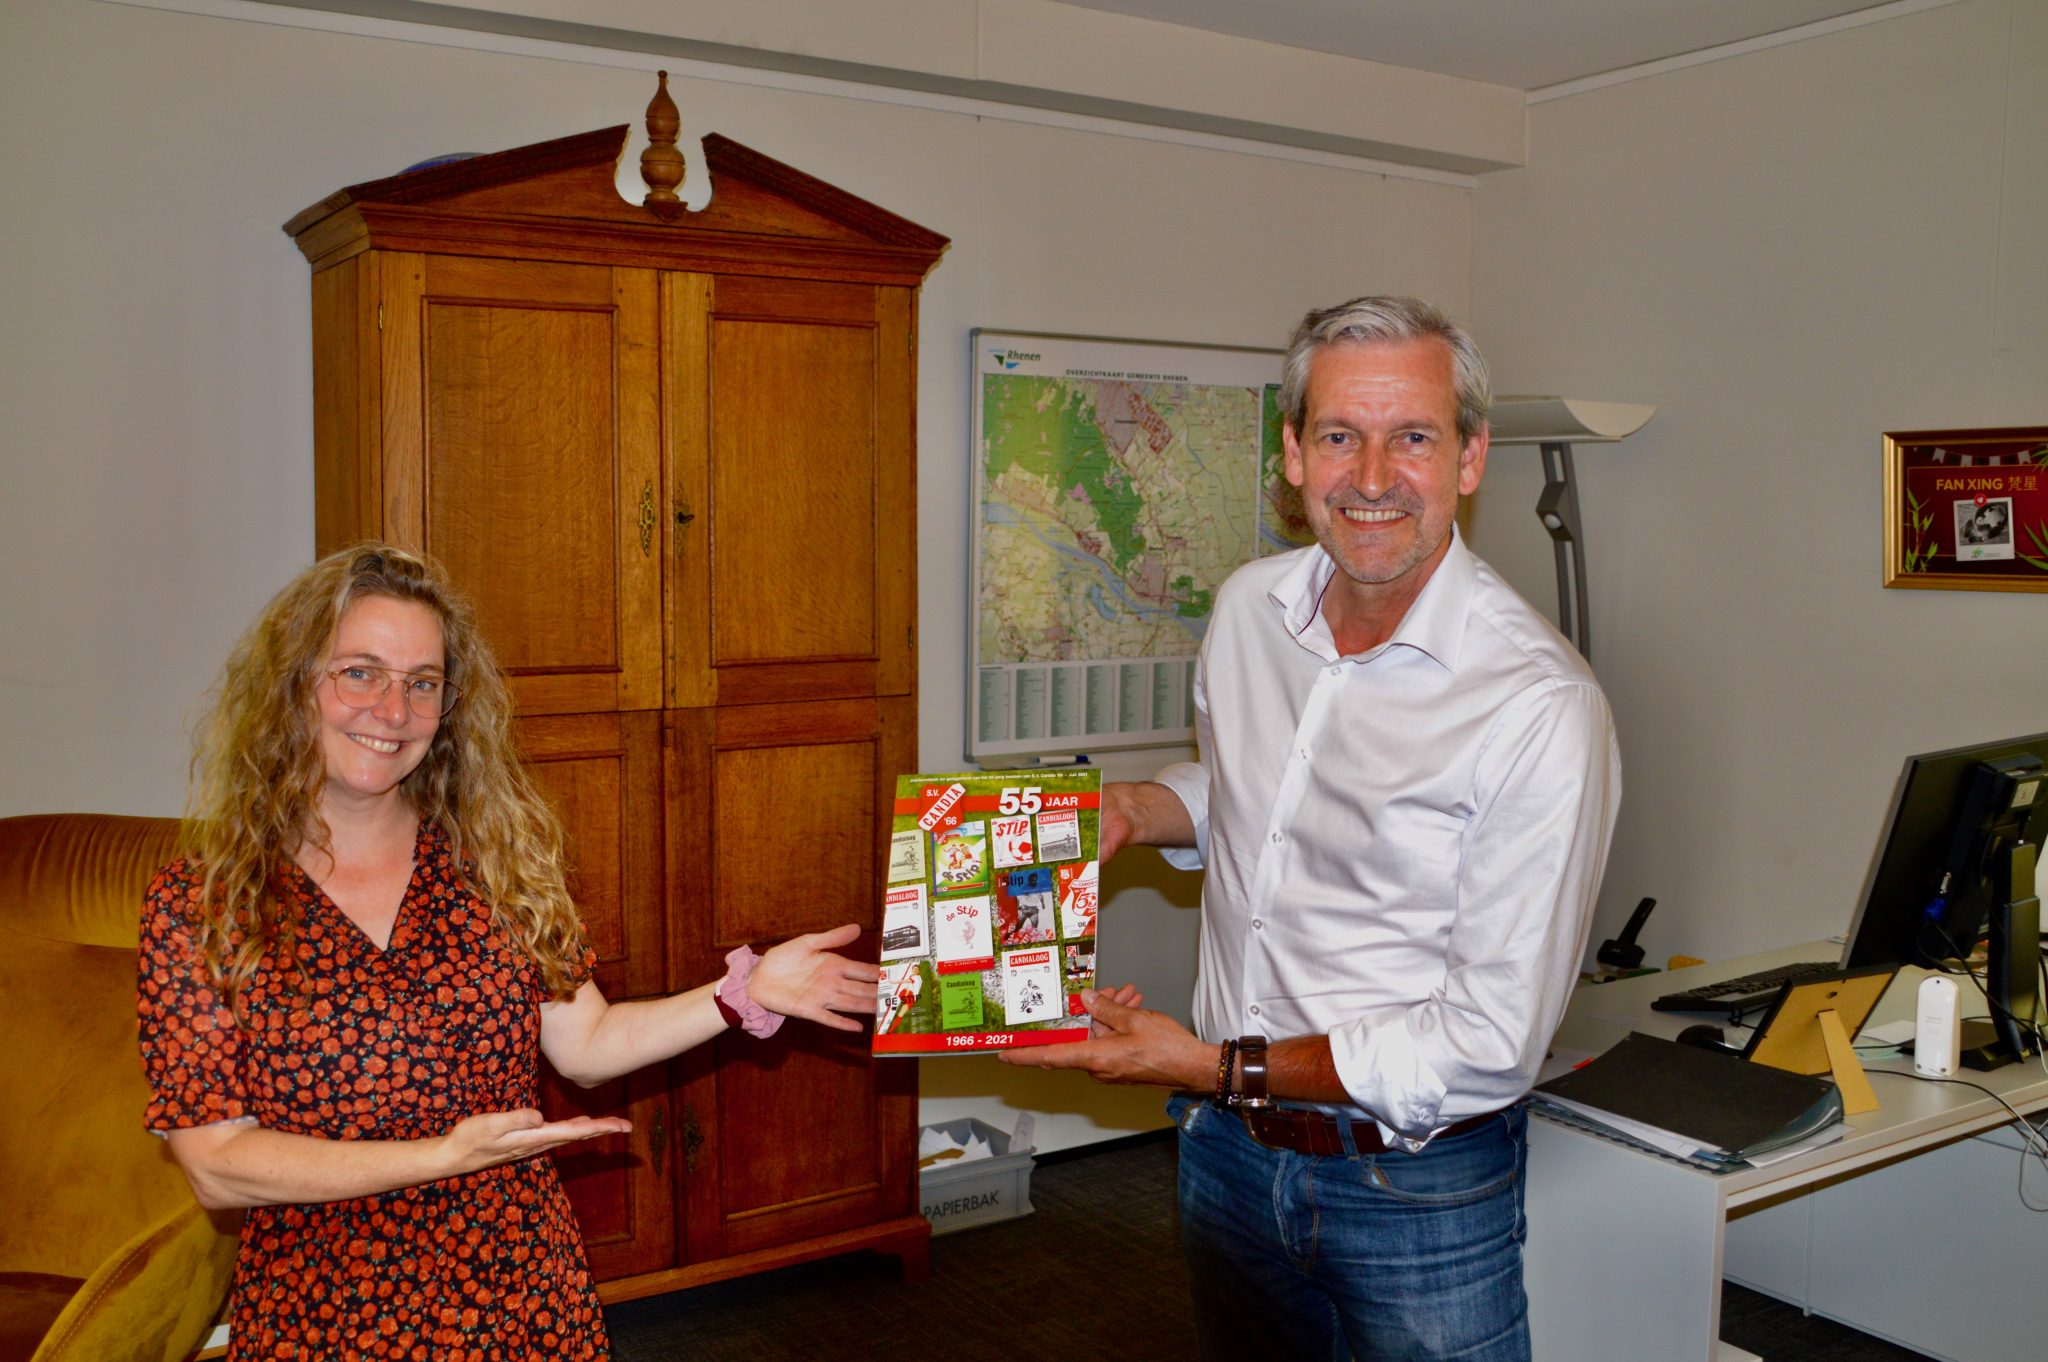 Burgemeester ontvangt 1e exemplaar jubileumeditie De Stip